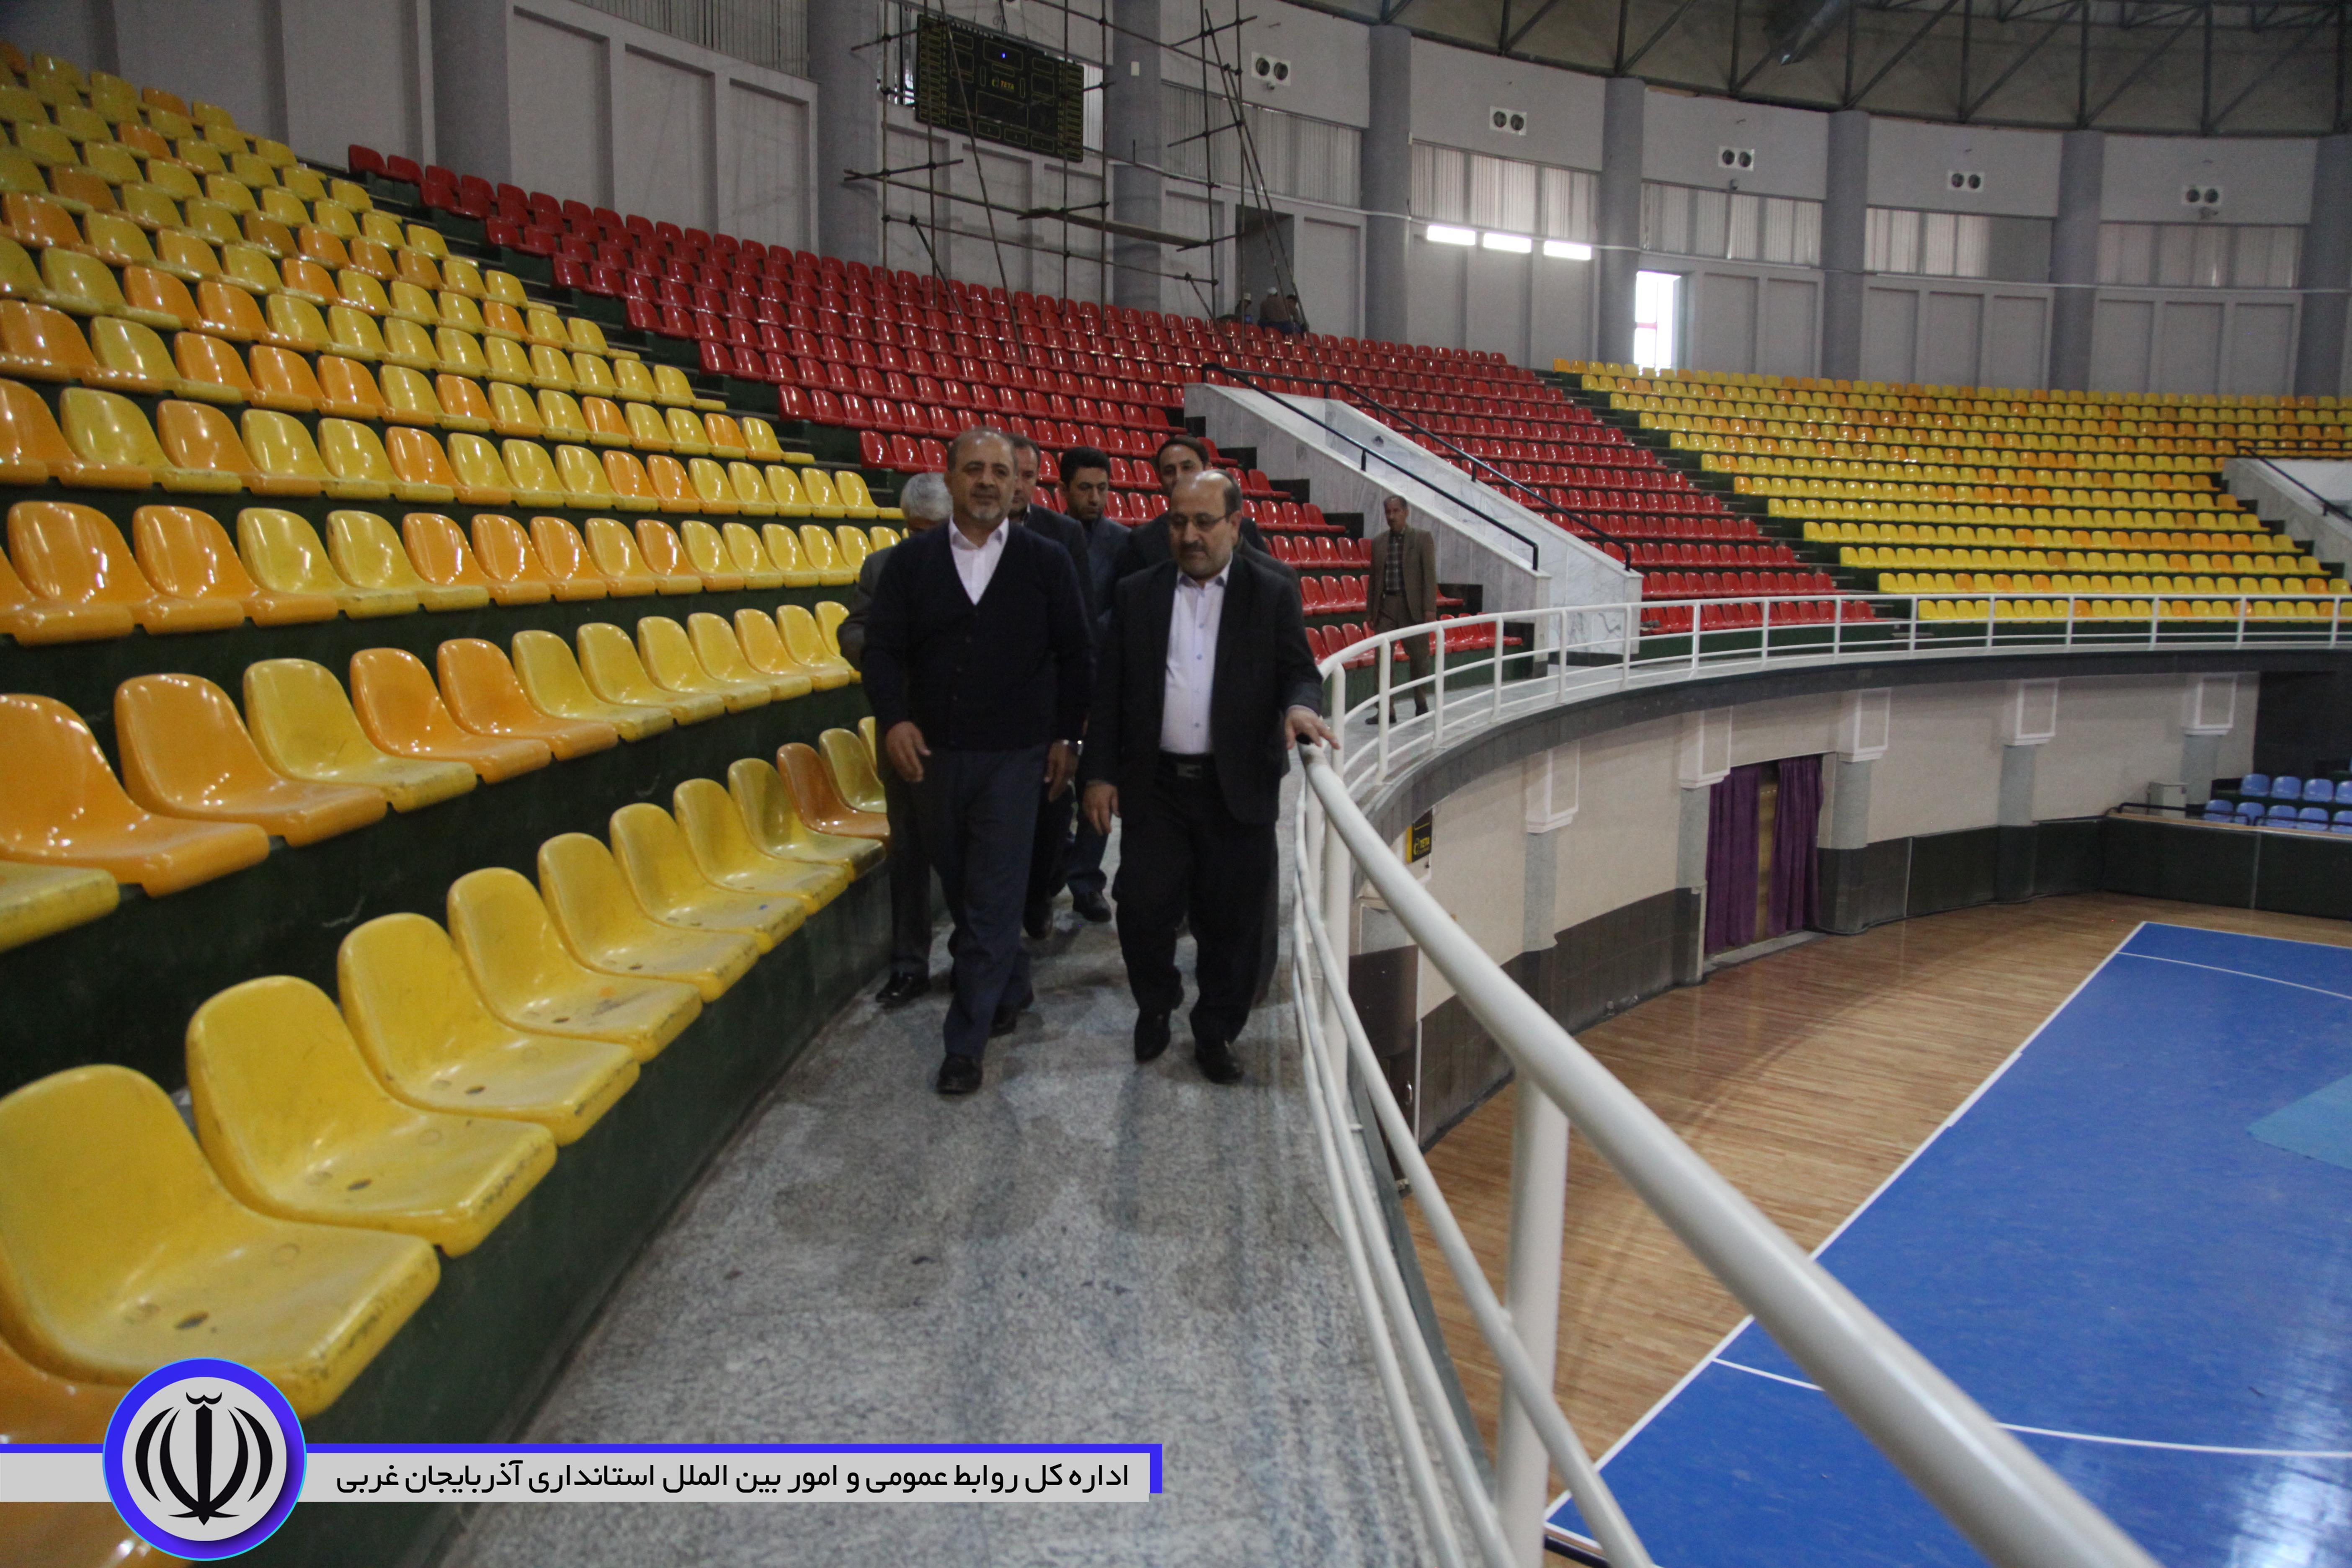 بازدید مصطفوی معاون سیاسی امنیتی اجتماعی استاندار آذربایجان غربی از محل برگزاری مسابقات لیگ ملتهای والیبال 2019